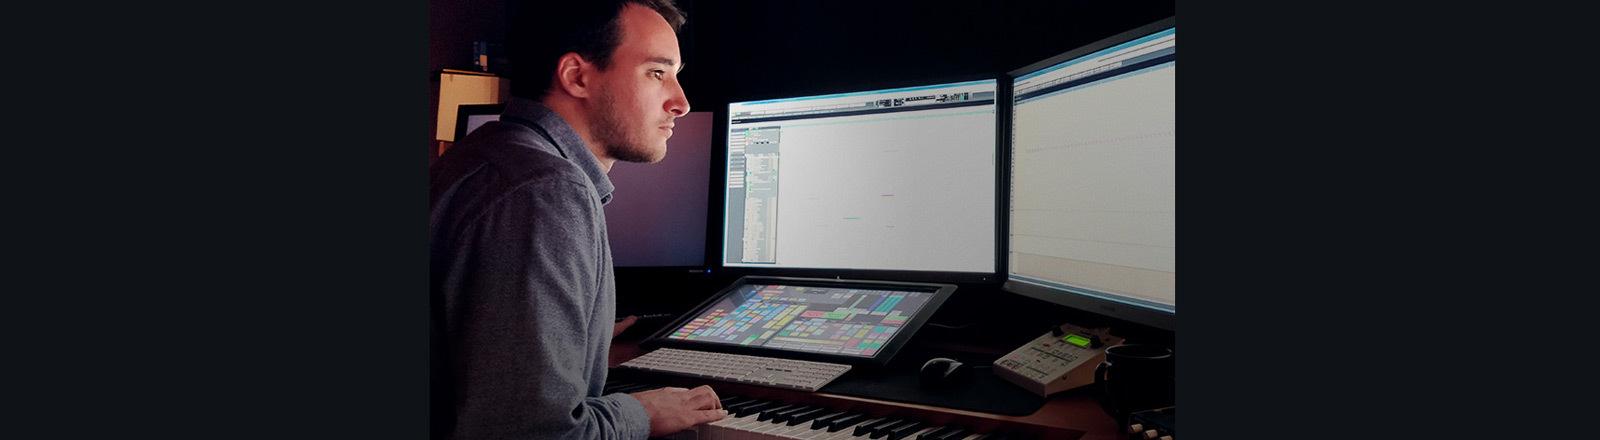 Filmkomponist Steffen Thum bei der Arbeit an seinem Computer.